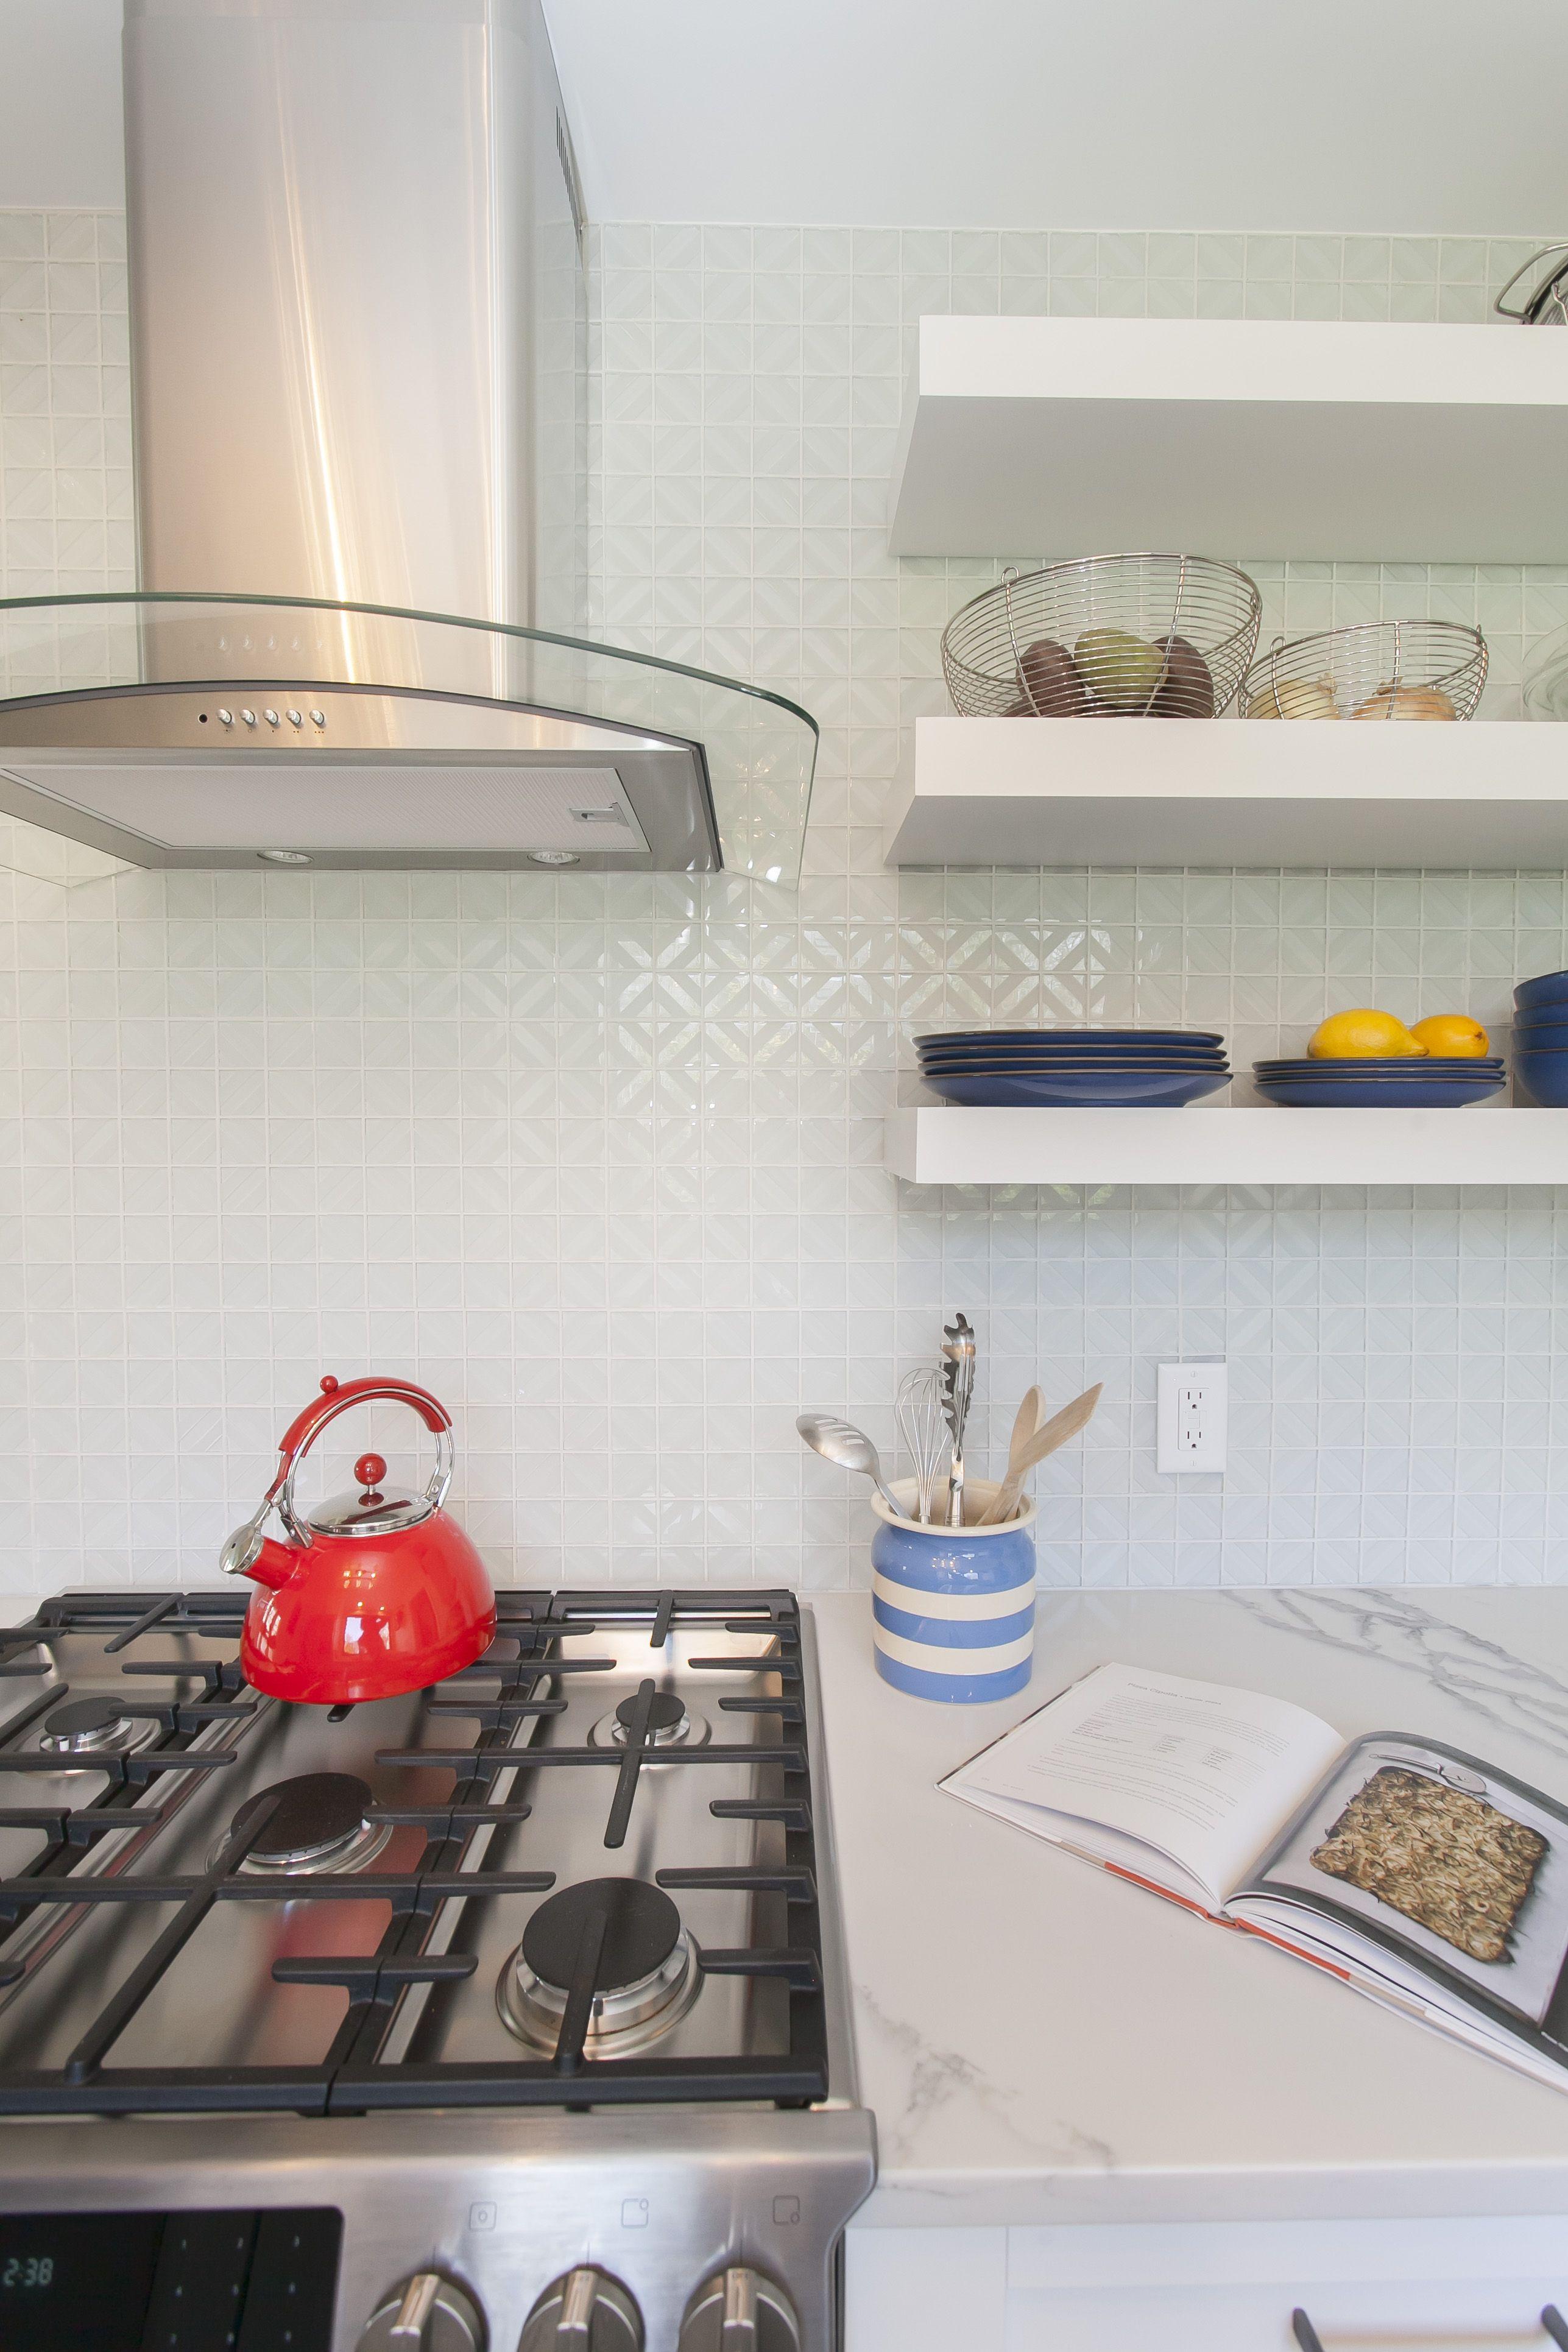 Sandblast White 2 X 2 Diamond Mosaic Tile Mosaictile Backsplashideas Tileideas Whitekitchens Openshel Kitchen And Bath Design Kitchen And Bath Bath Design